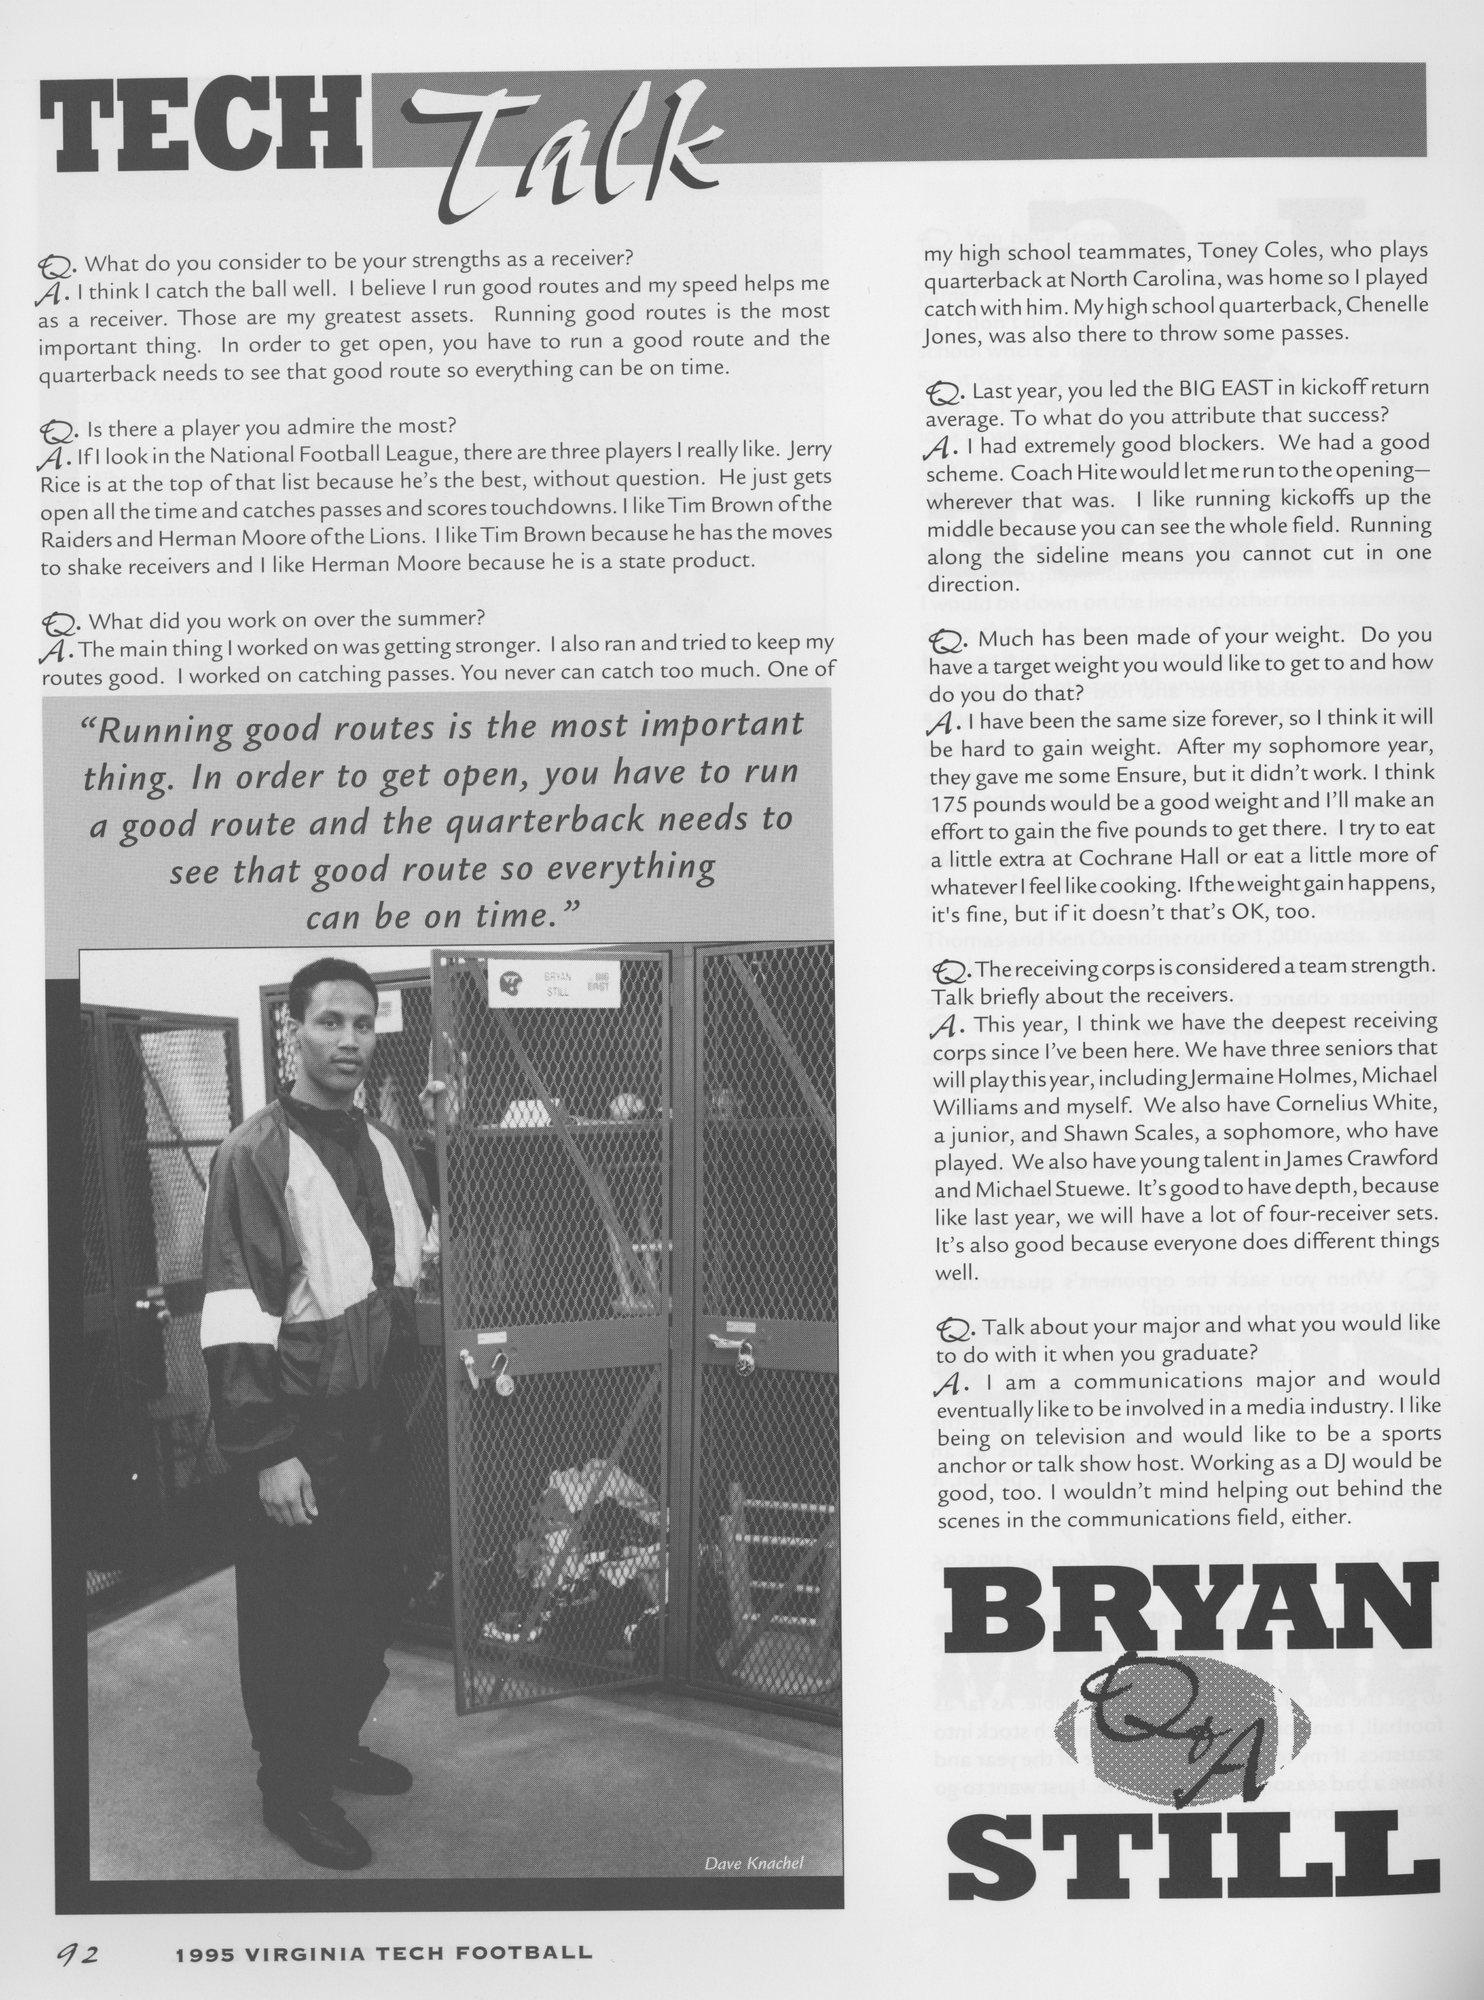 StillBryan_MaroonBook_1995.jpg